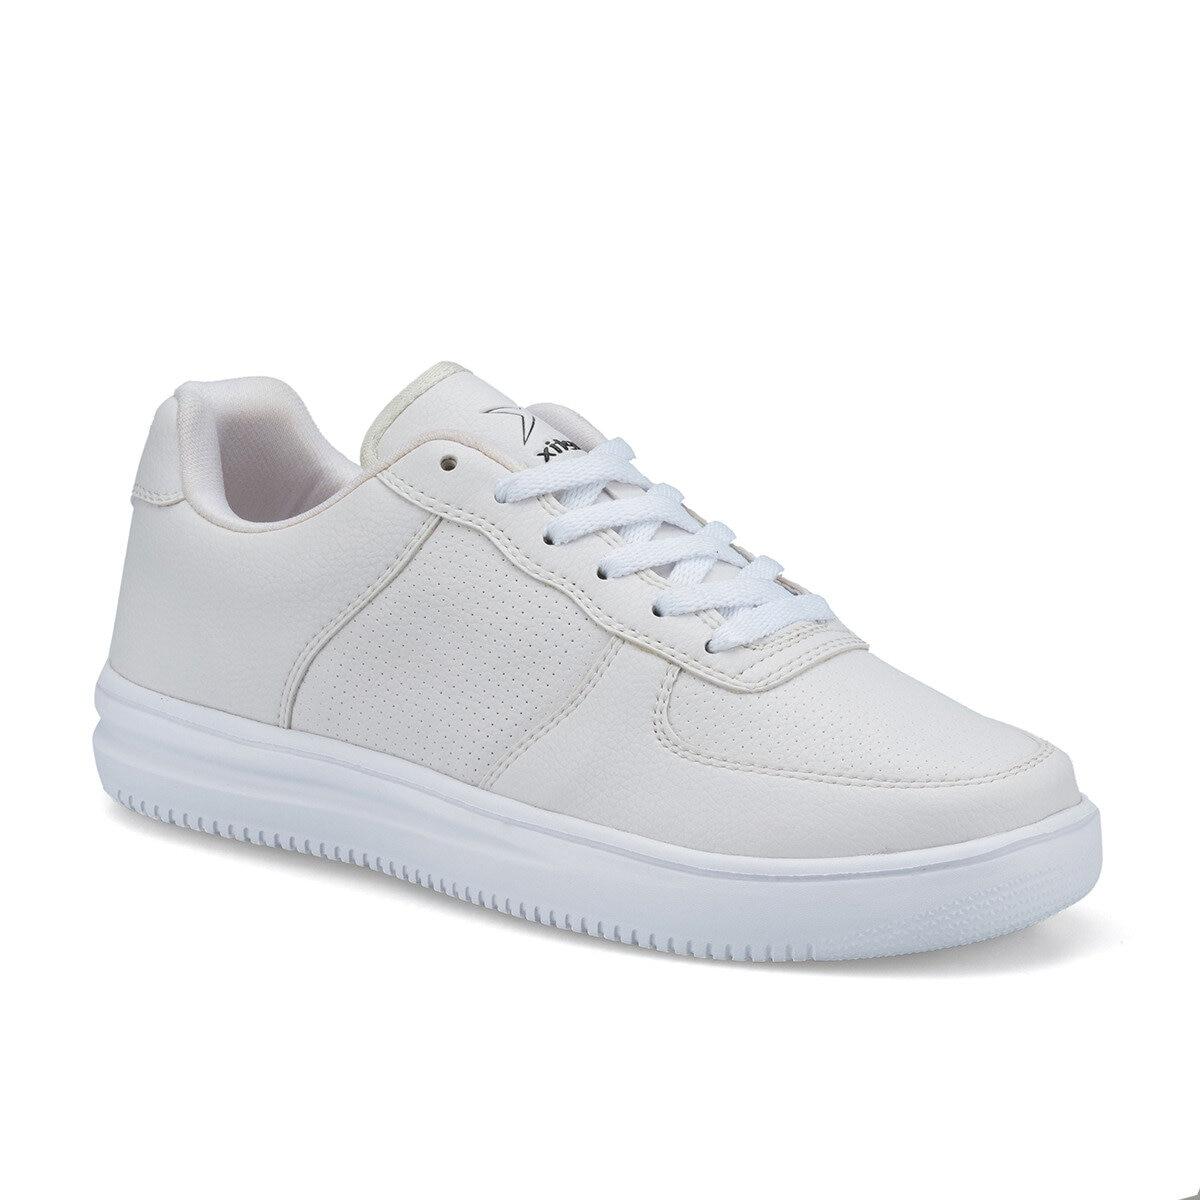 FLO ABELLA W White Women 'S Sneaker Shoes KINETIX